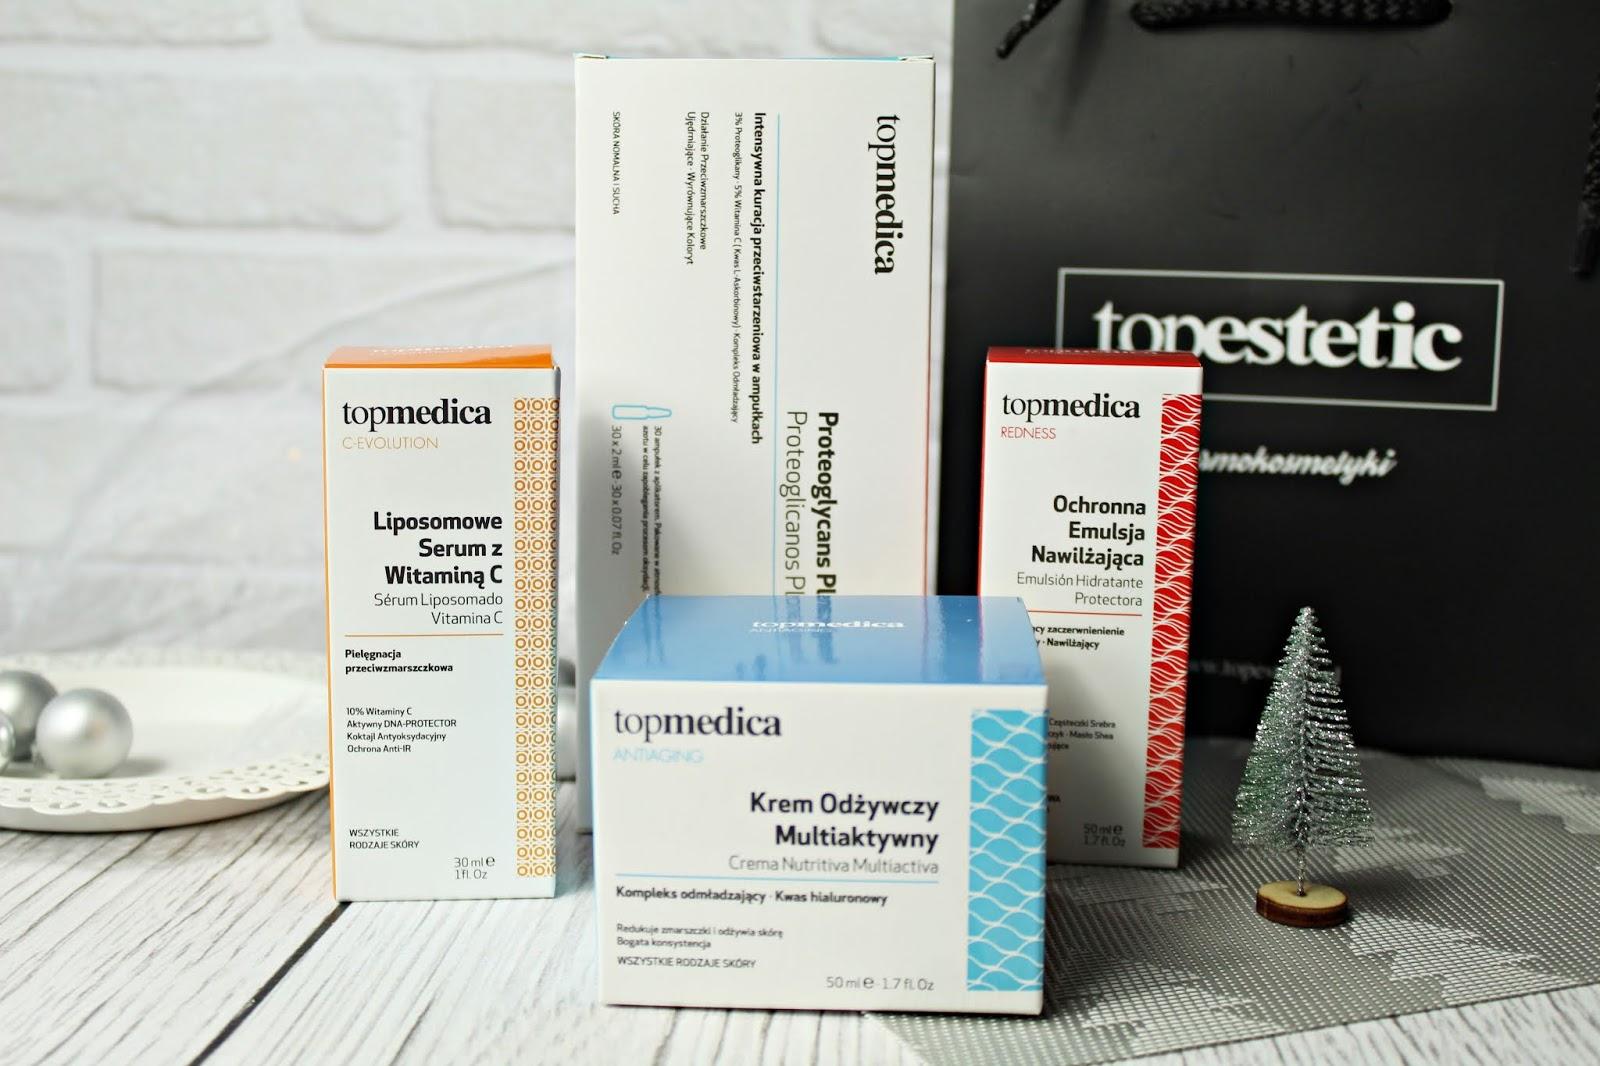 Dermokosmetyki topmedica - krem odżywczy multiaktywny, liposomowe serum z witaminą C, ochronna emulsja nawilżająca i intensywna pielęgnacja przeciwstarzeniowa w kapsułkach